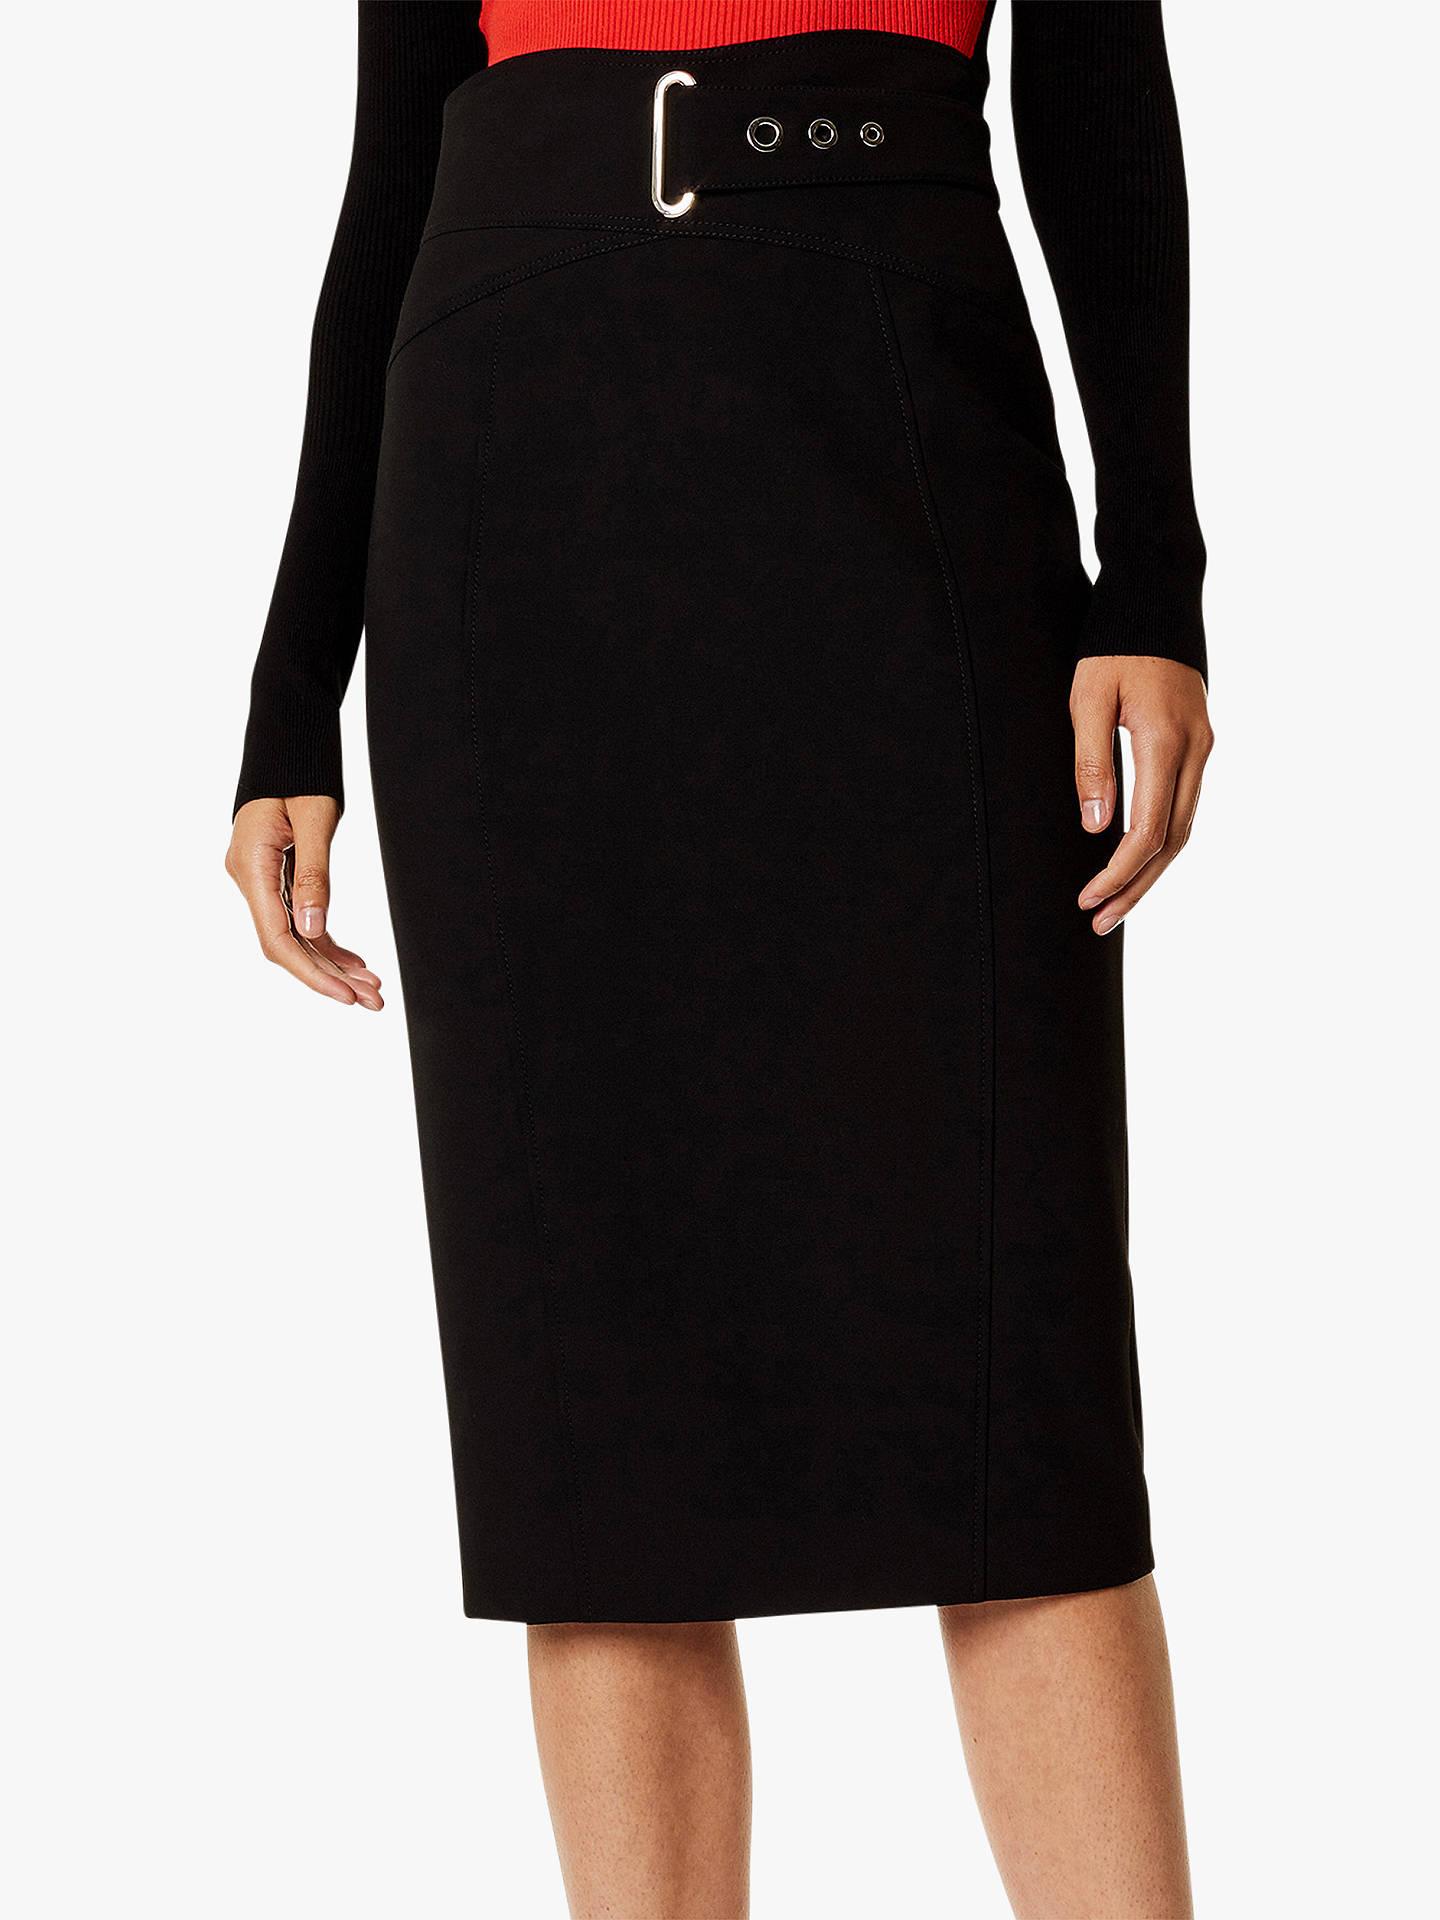 17bd30046 Buy Karen Millen Belted Pencil Skirt, Black, 6 Online at johnlewis.com ...